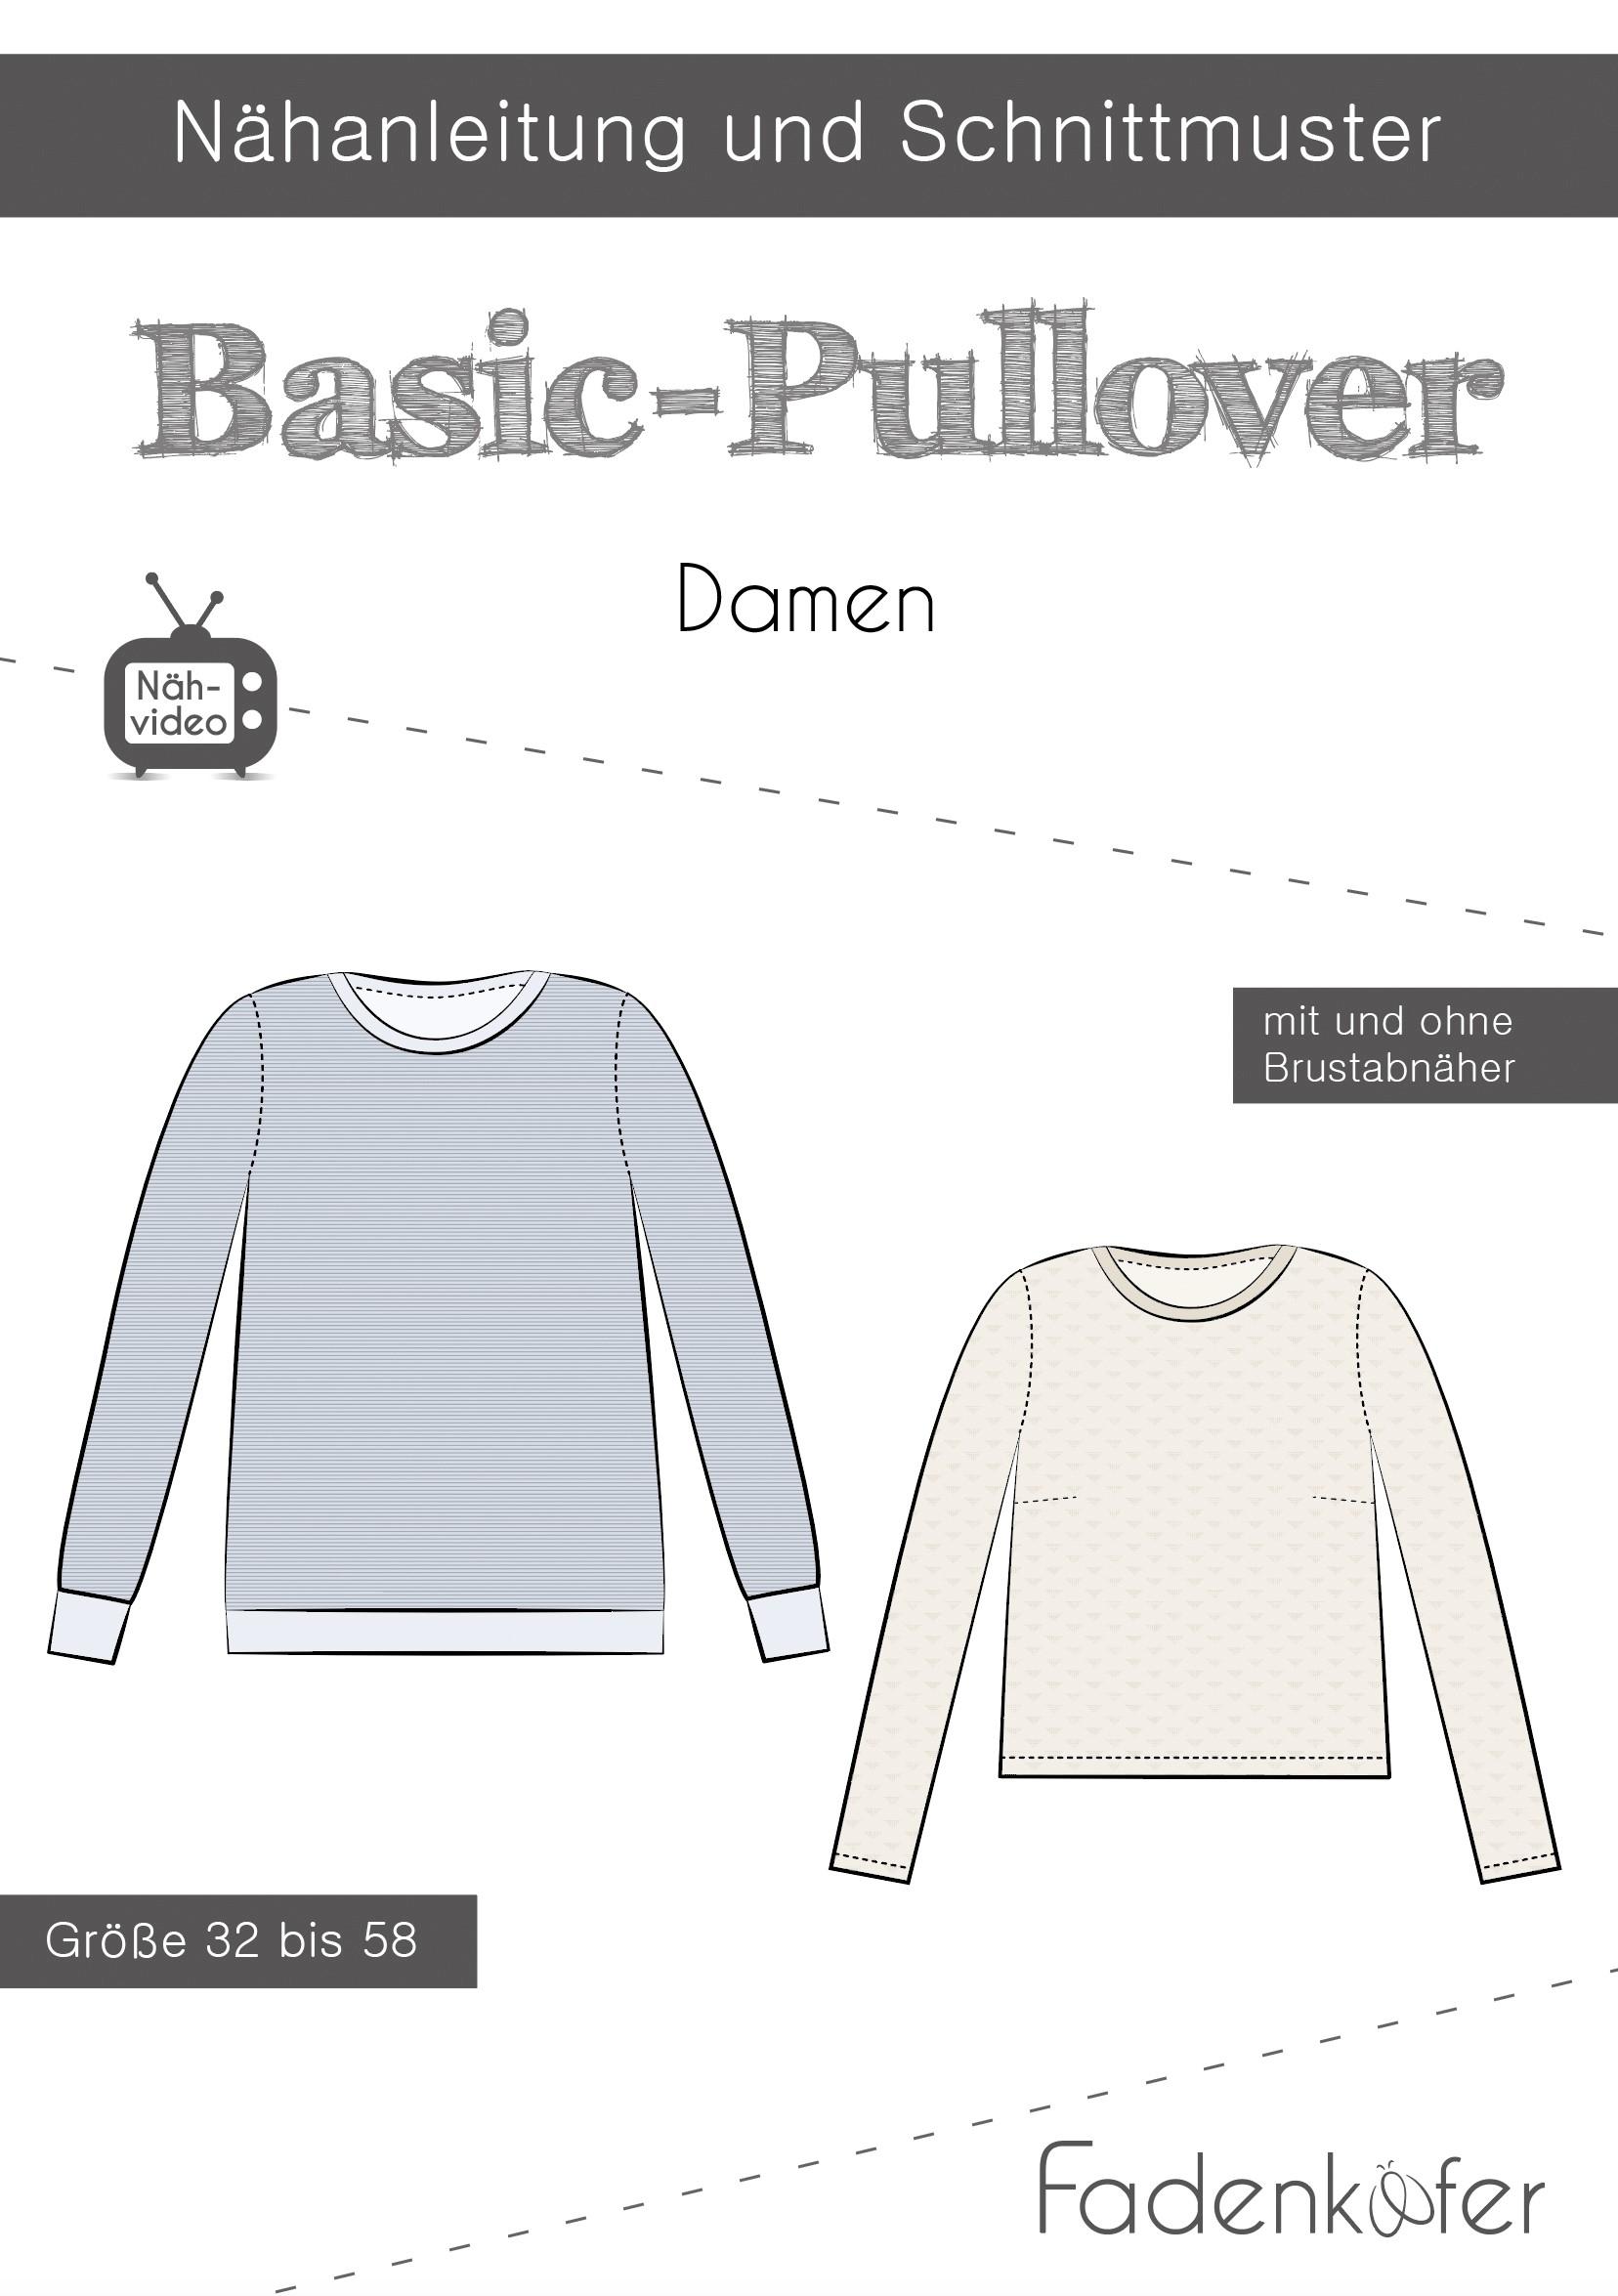 Papierschnittmuster Fadenkäfer - Basic Pullover Damen